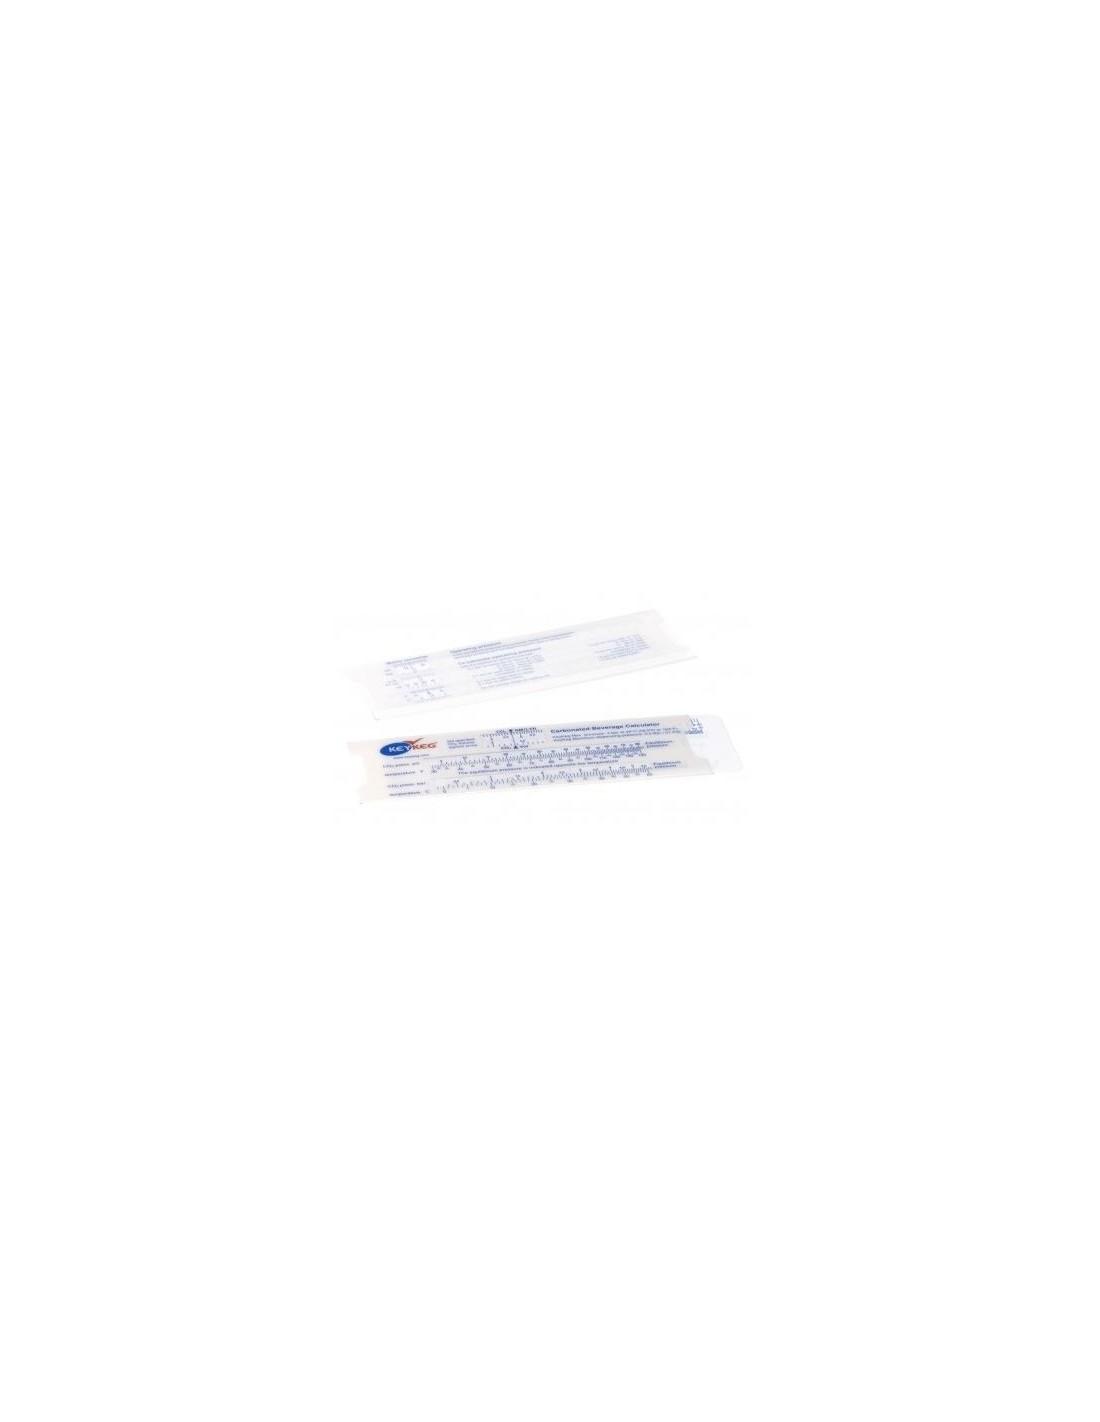 UPP00083 - Tillbehör - Kalkylator för kolsyrad dryck